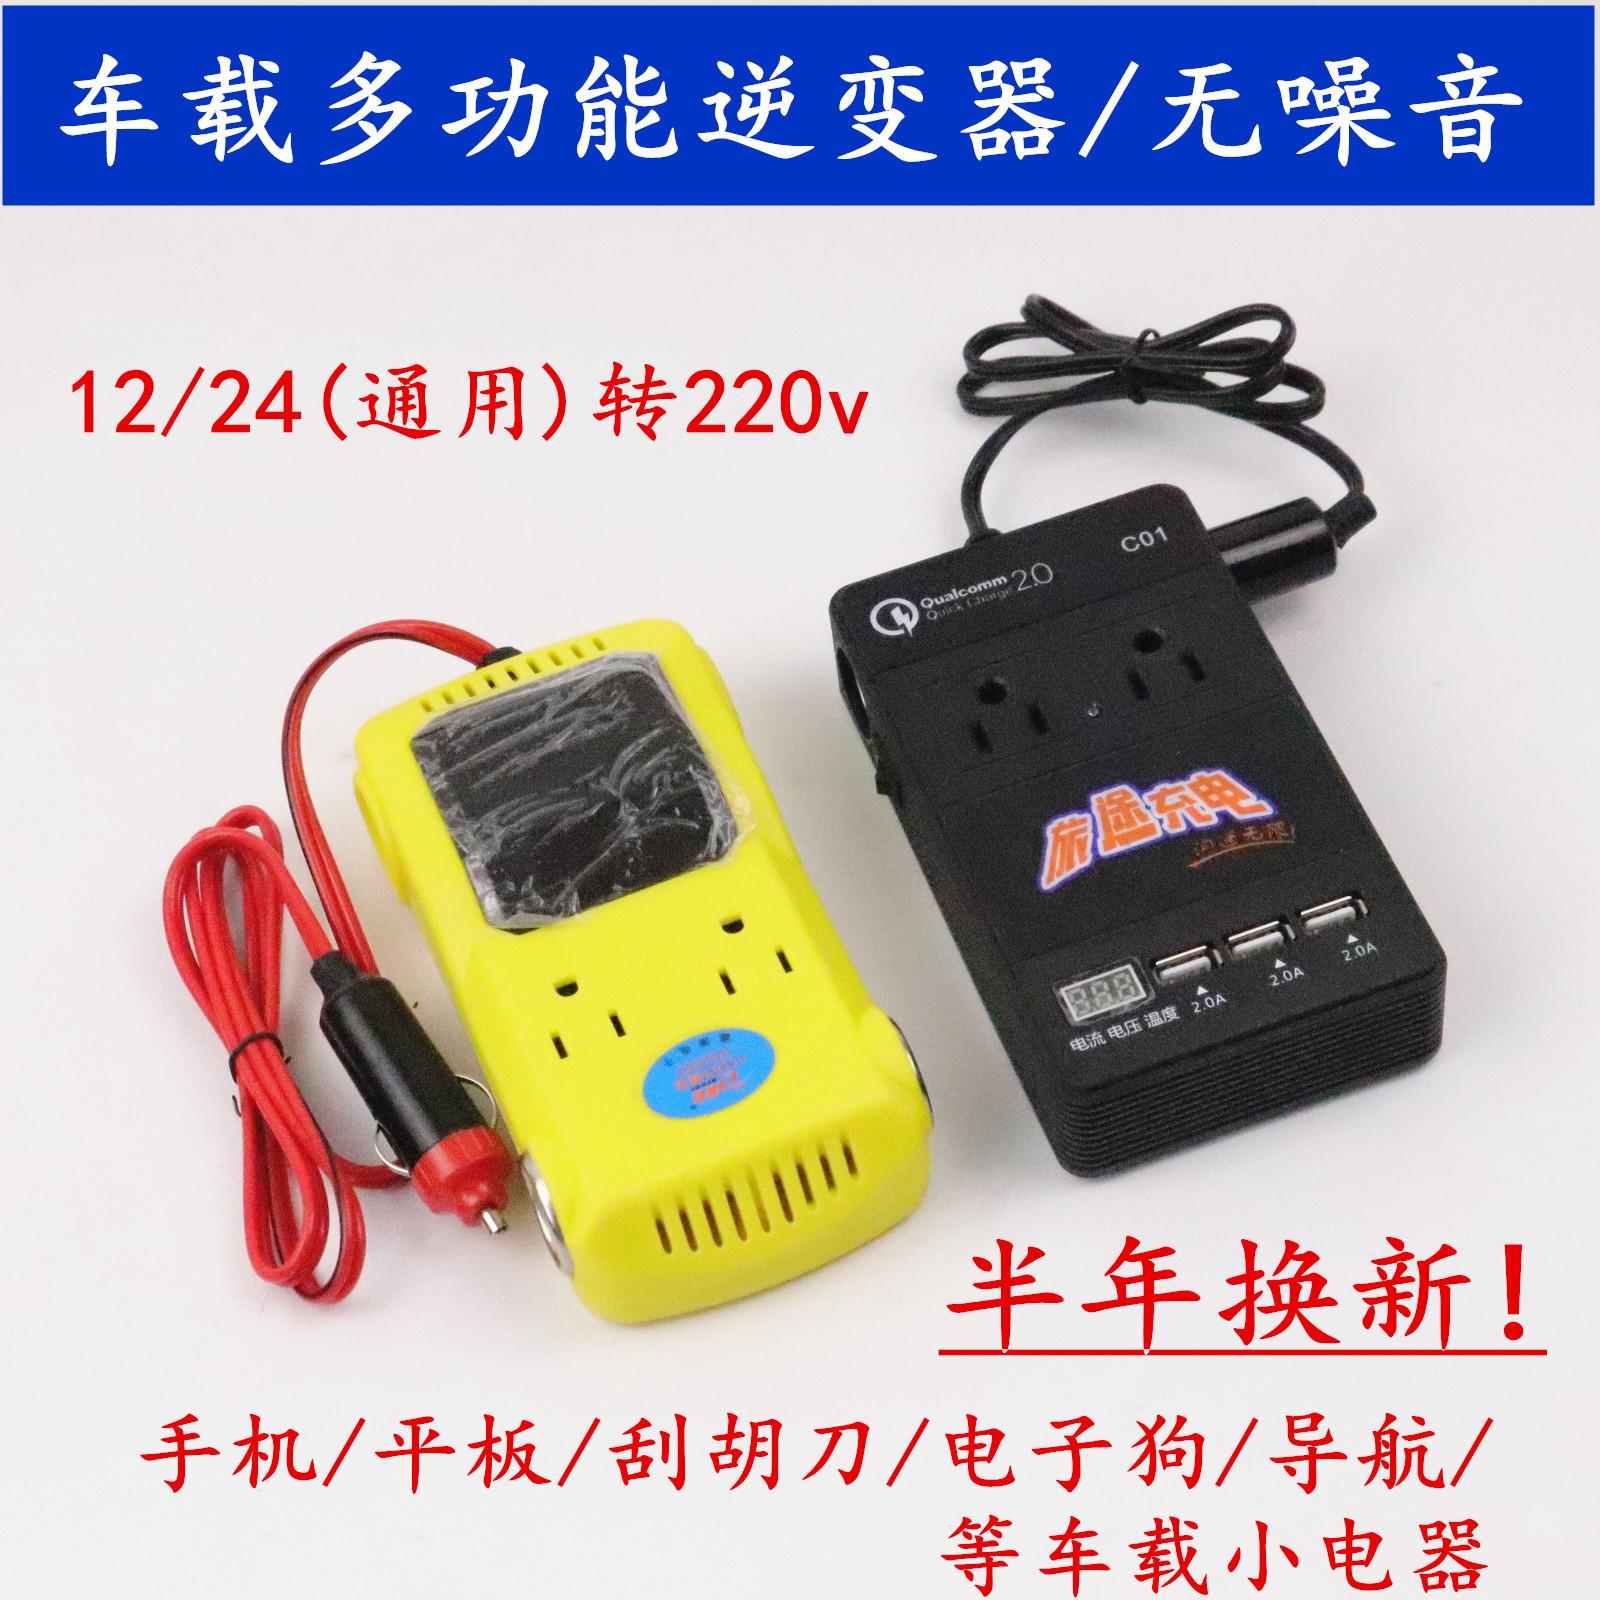 Инвертор автомобиля инвертор 12V24V до 220V многофункциональный мини-маленький USB быстрый зарядное гнездо